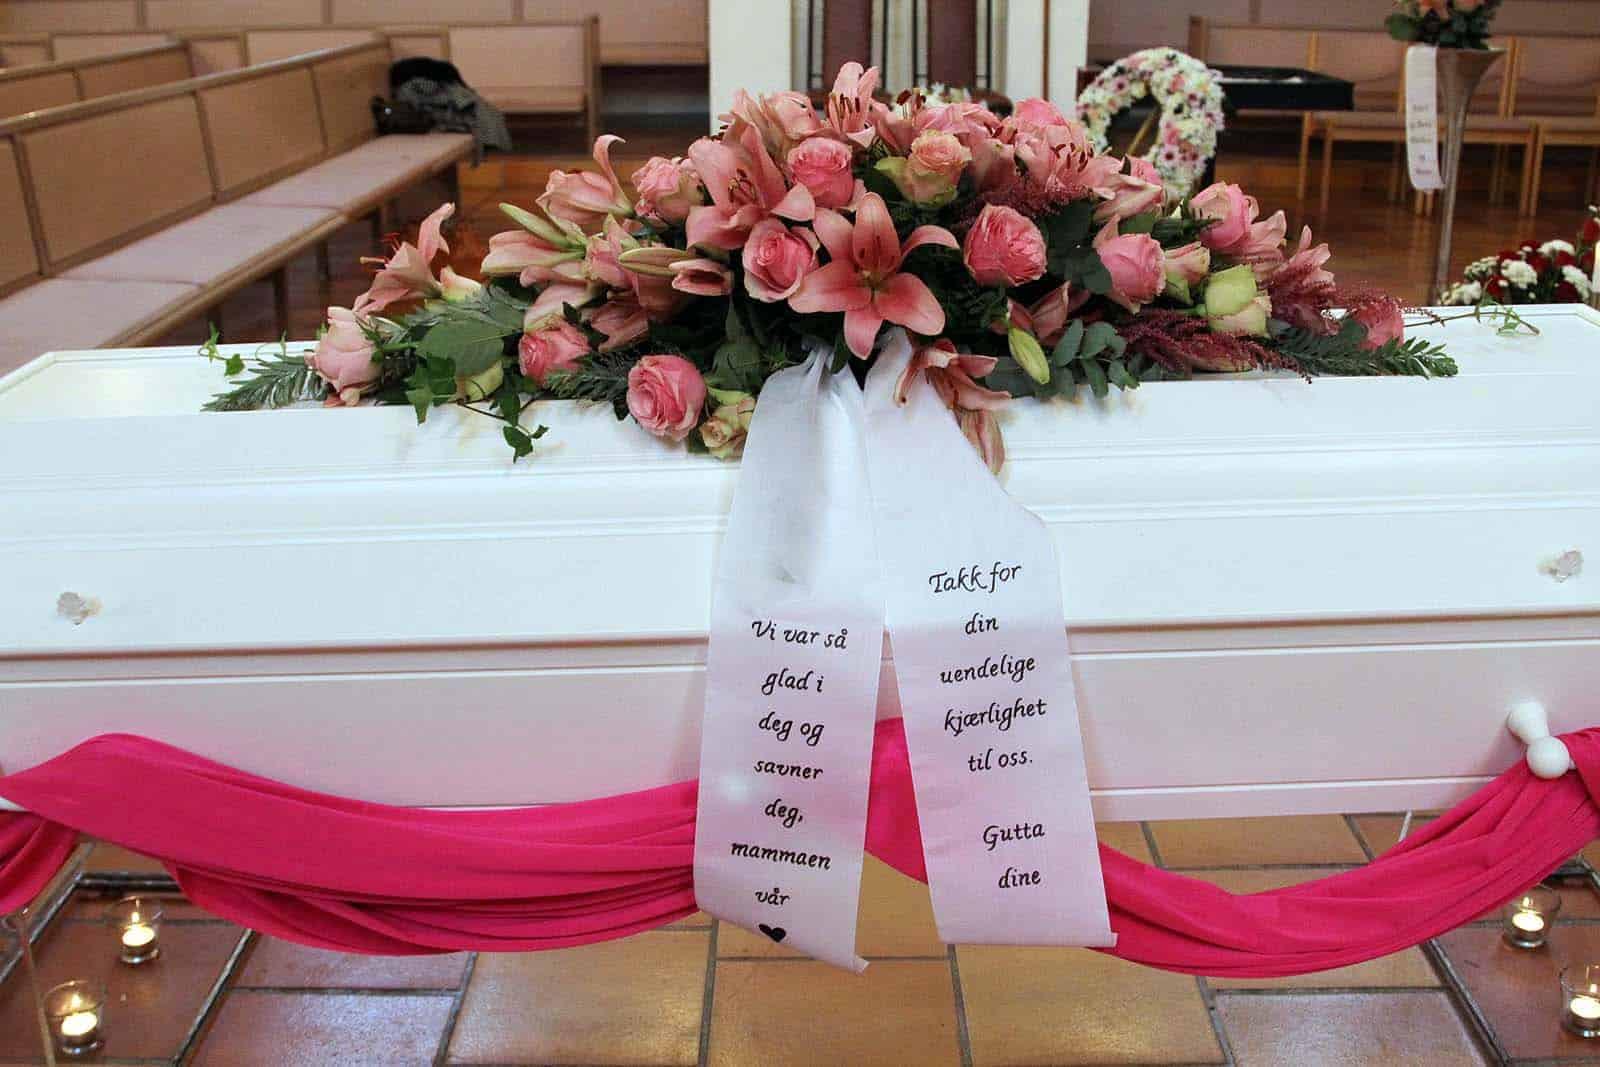 Kistedekorasjon blomster 56